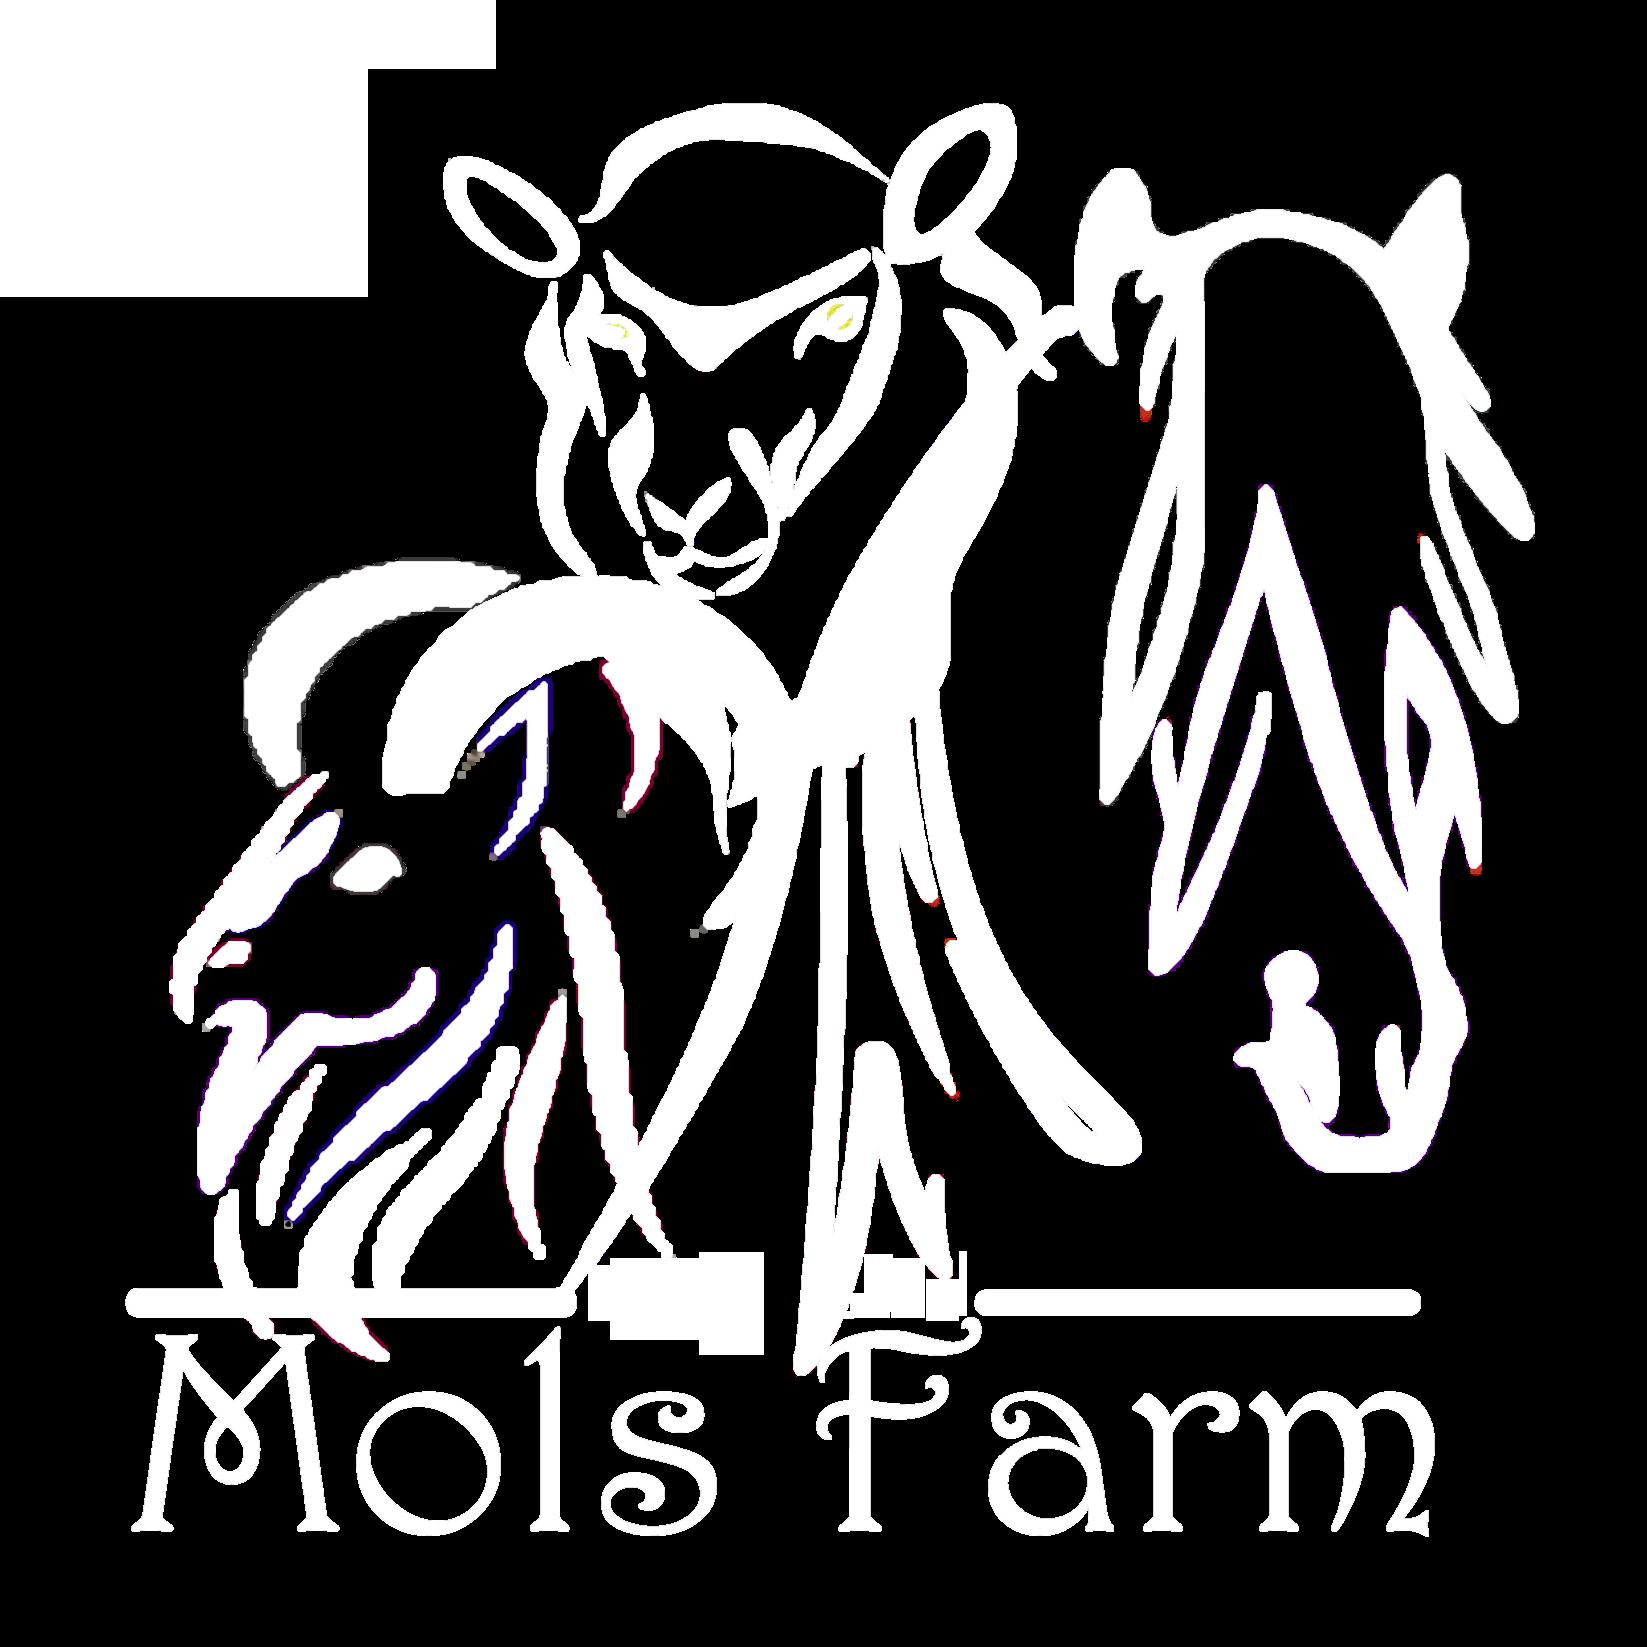 Mols Farm